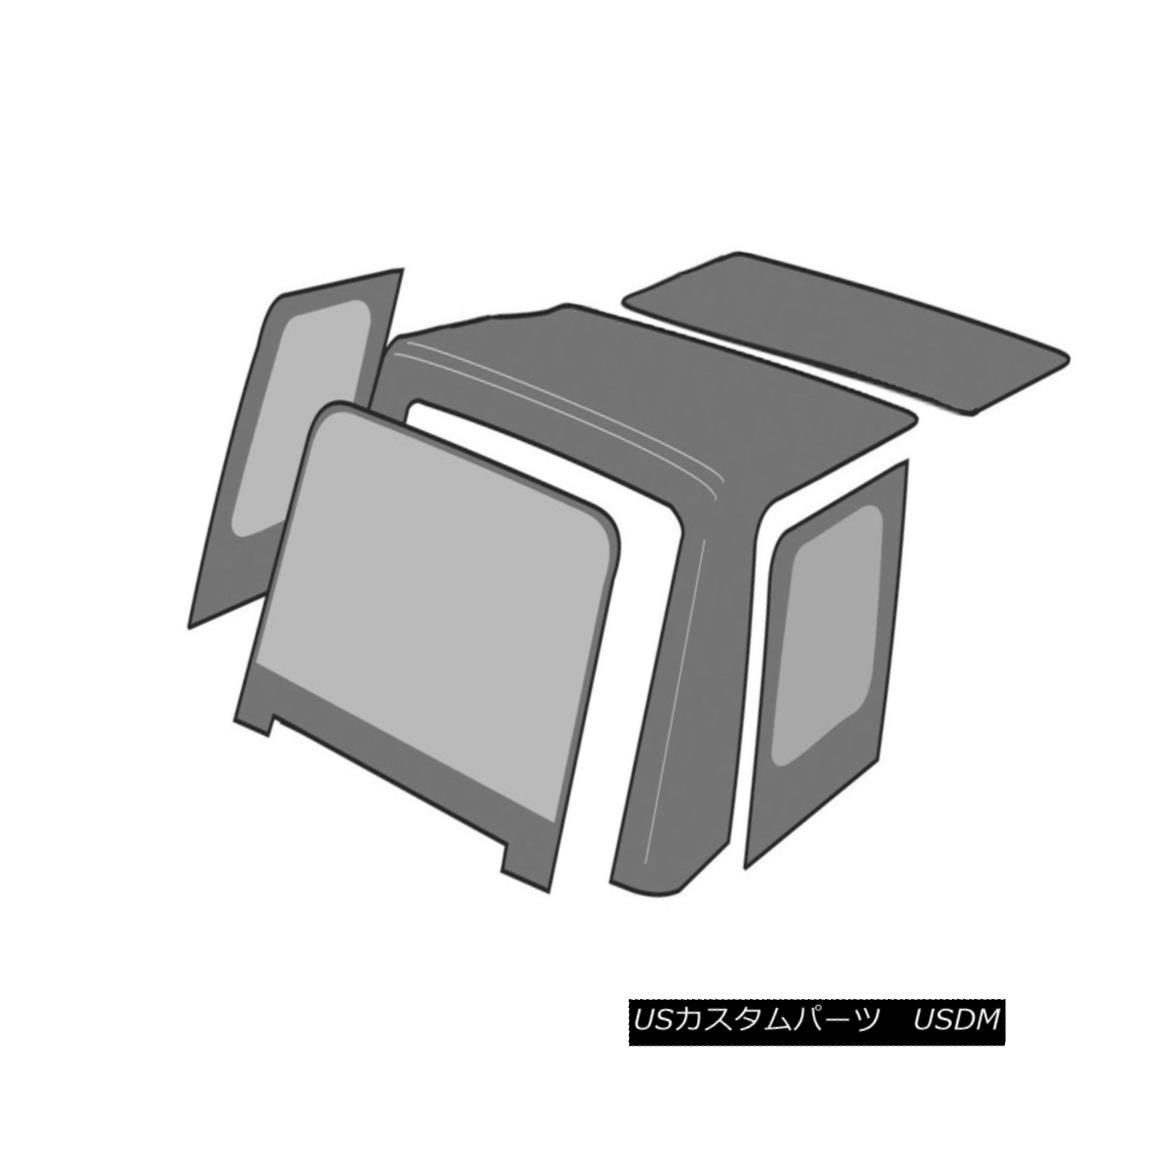 幌・ソフトトップ Rampage 99617 Factory Replacement Soft Top Fits 87-95 Wrangler (YJ) Rampage 99617工場交換ソフトトップフィット87-95 Wrangler(YJ)